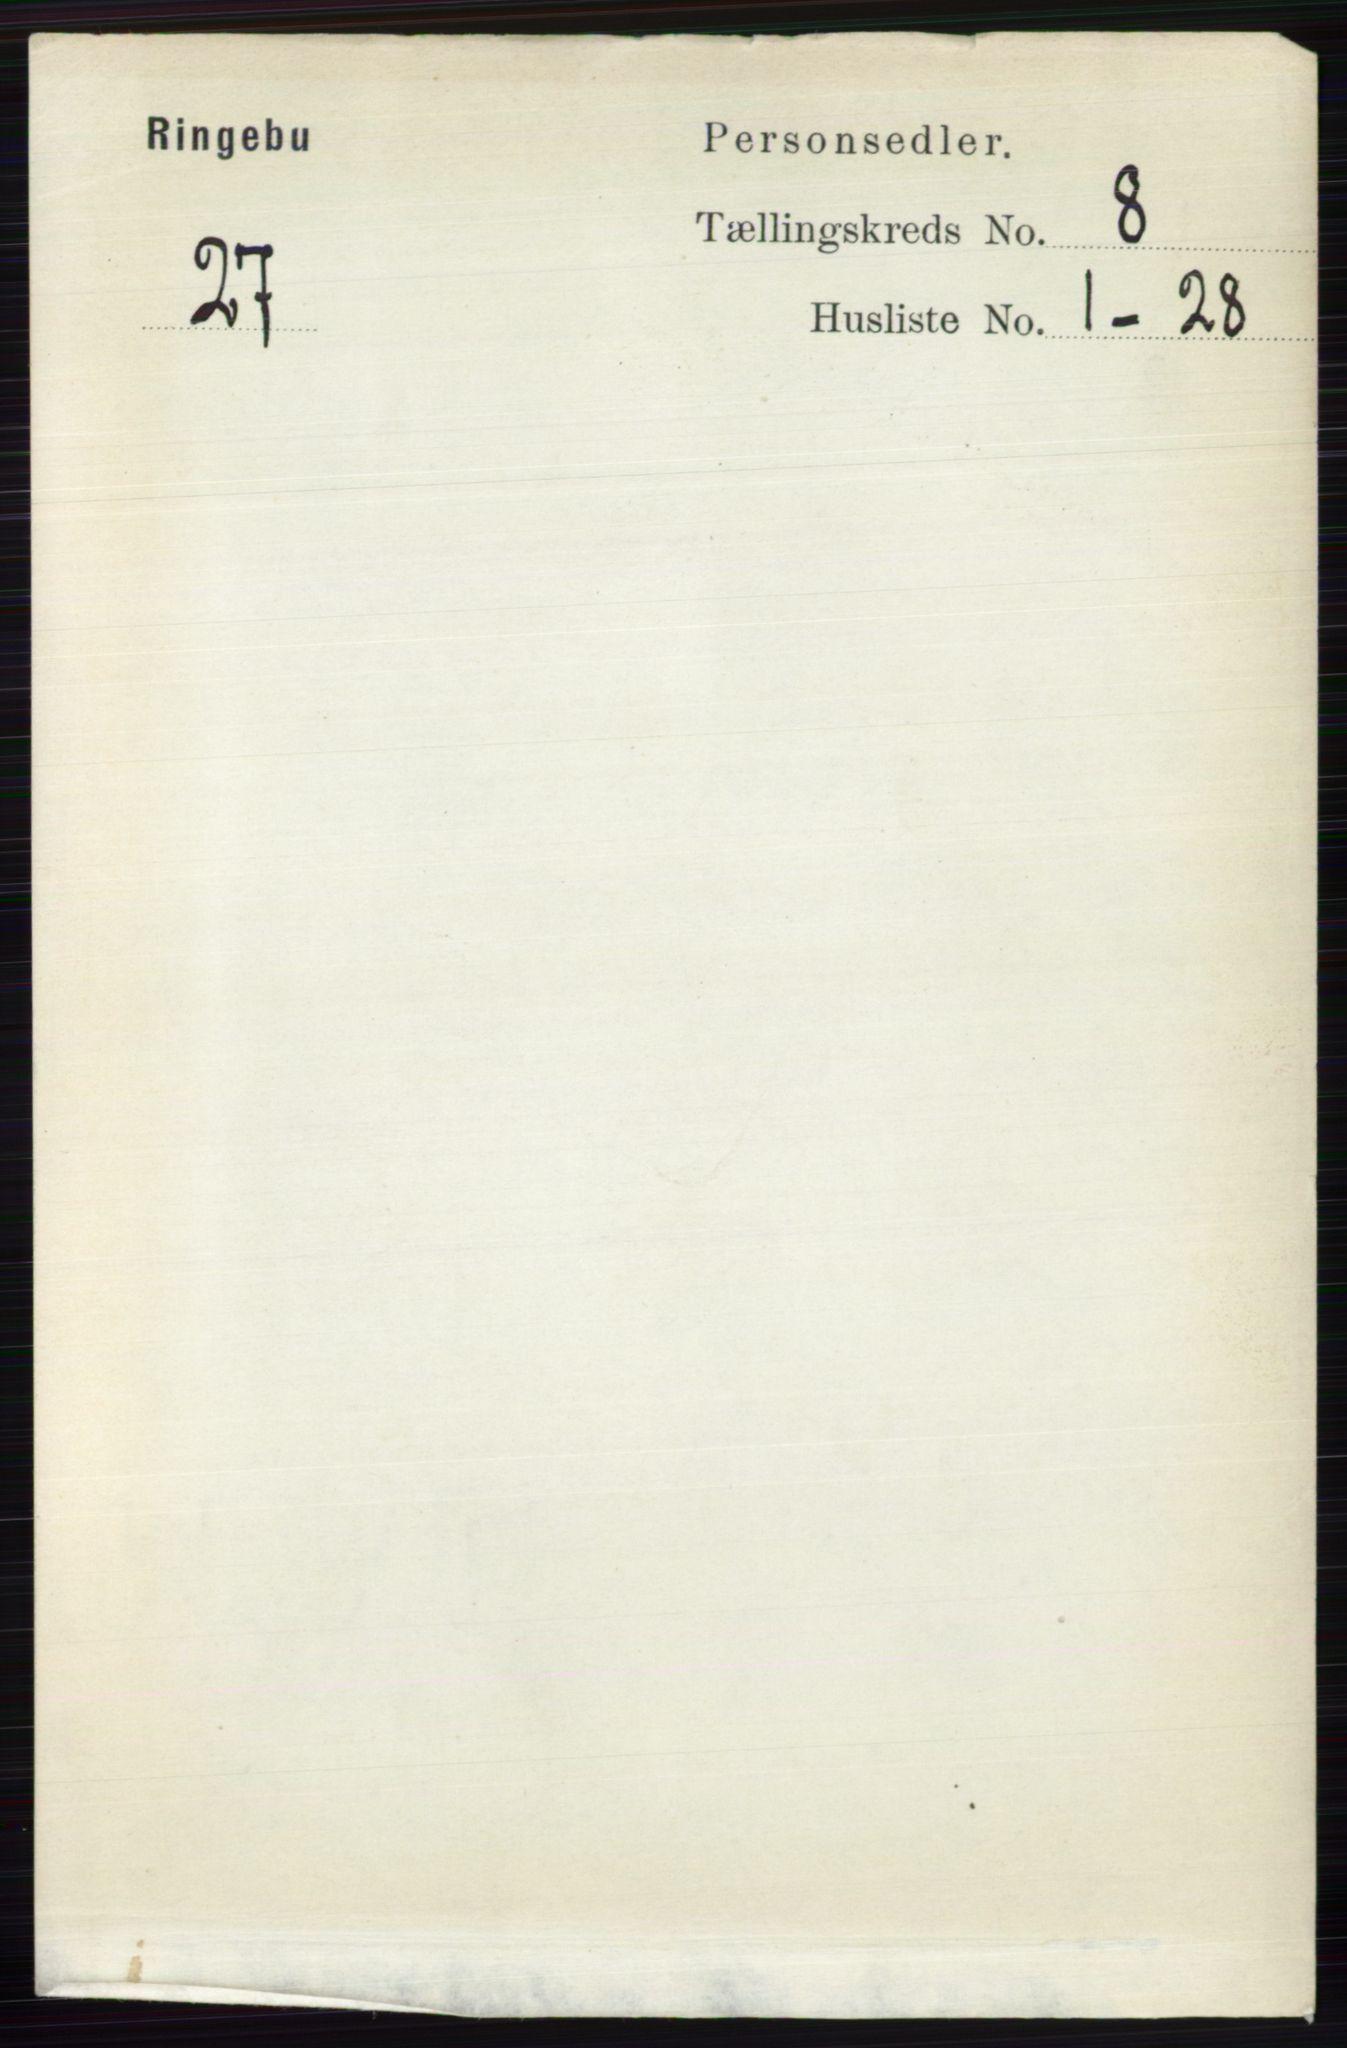 RA, Folketelling 1891 for 0520 Ringebu herred, 1891, s. 3675